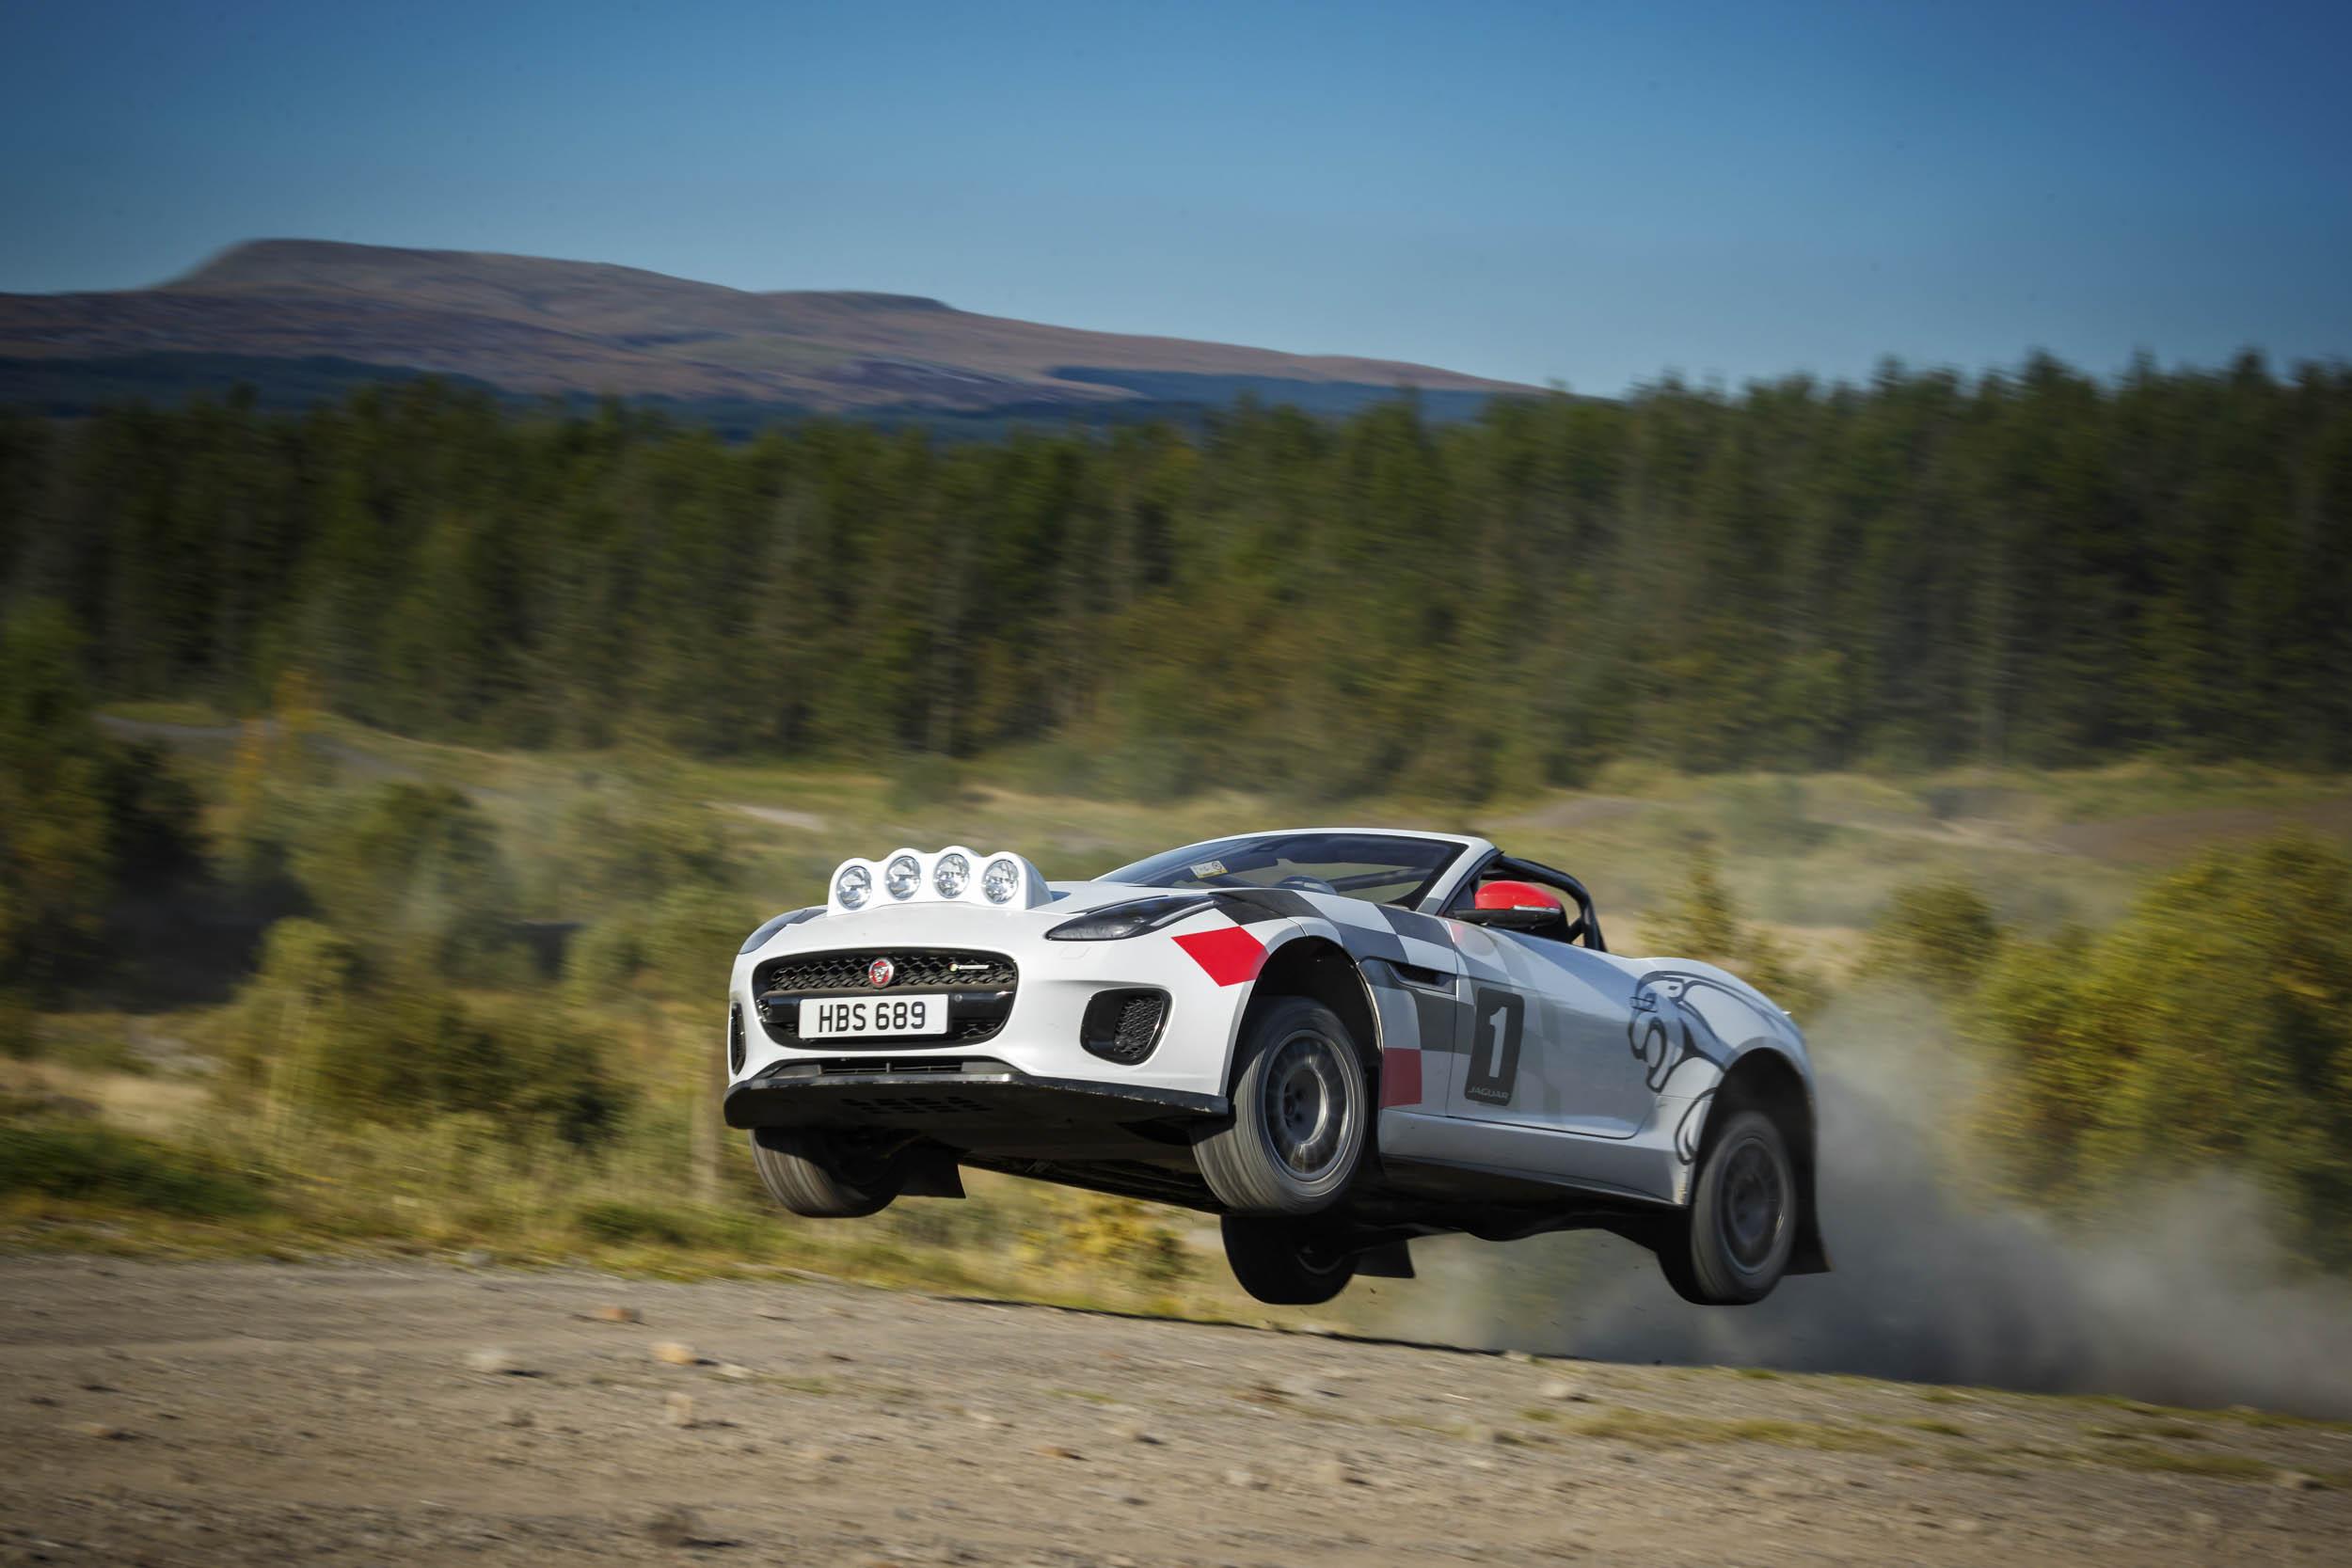 Jaguar F-type convertible rally car racing